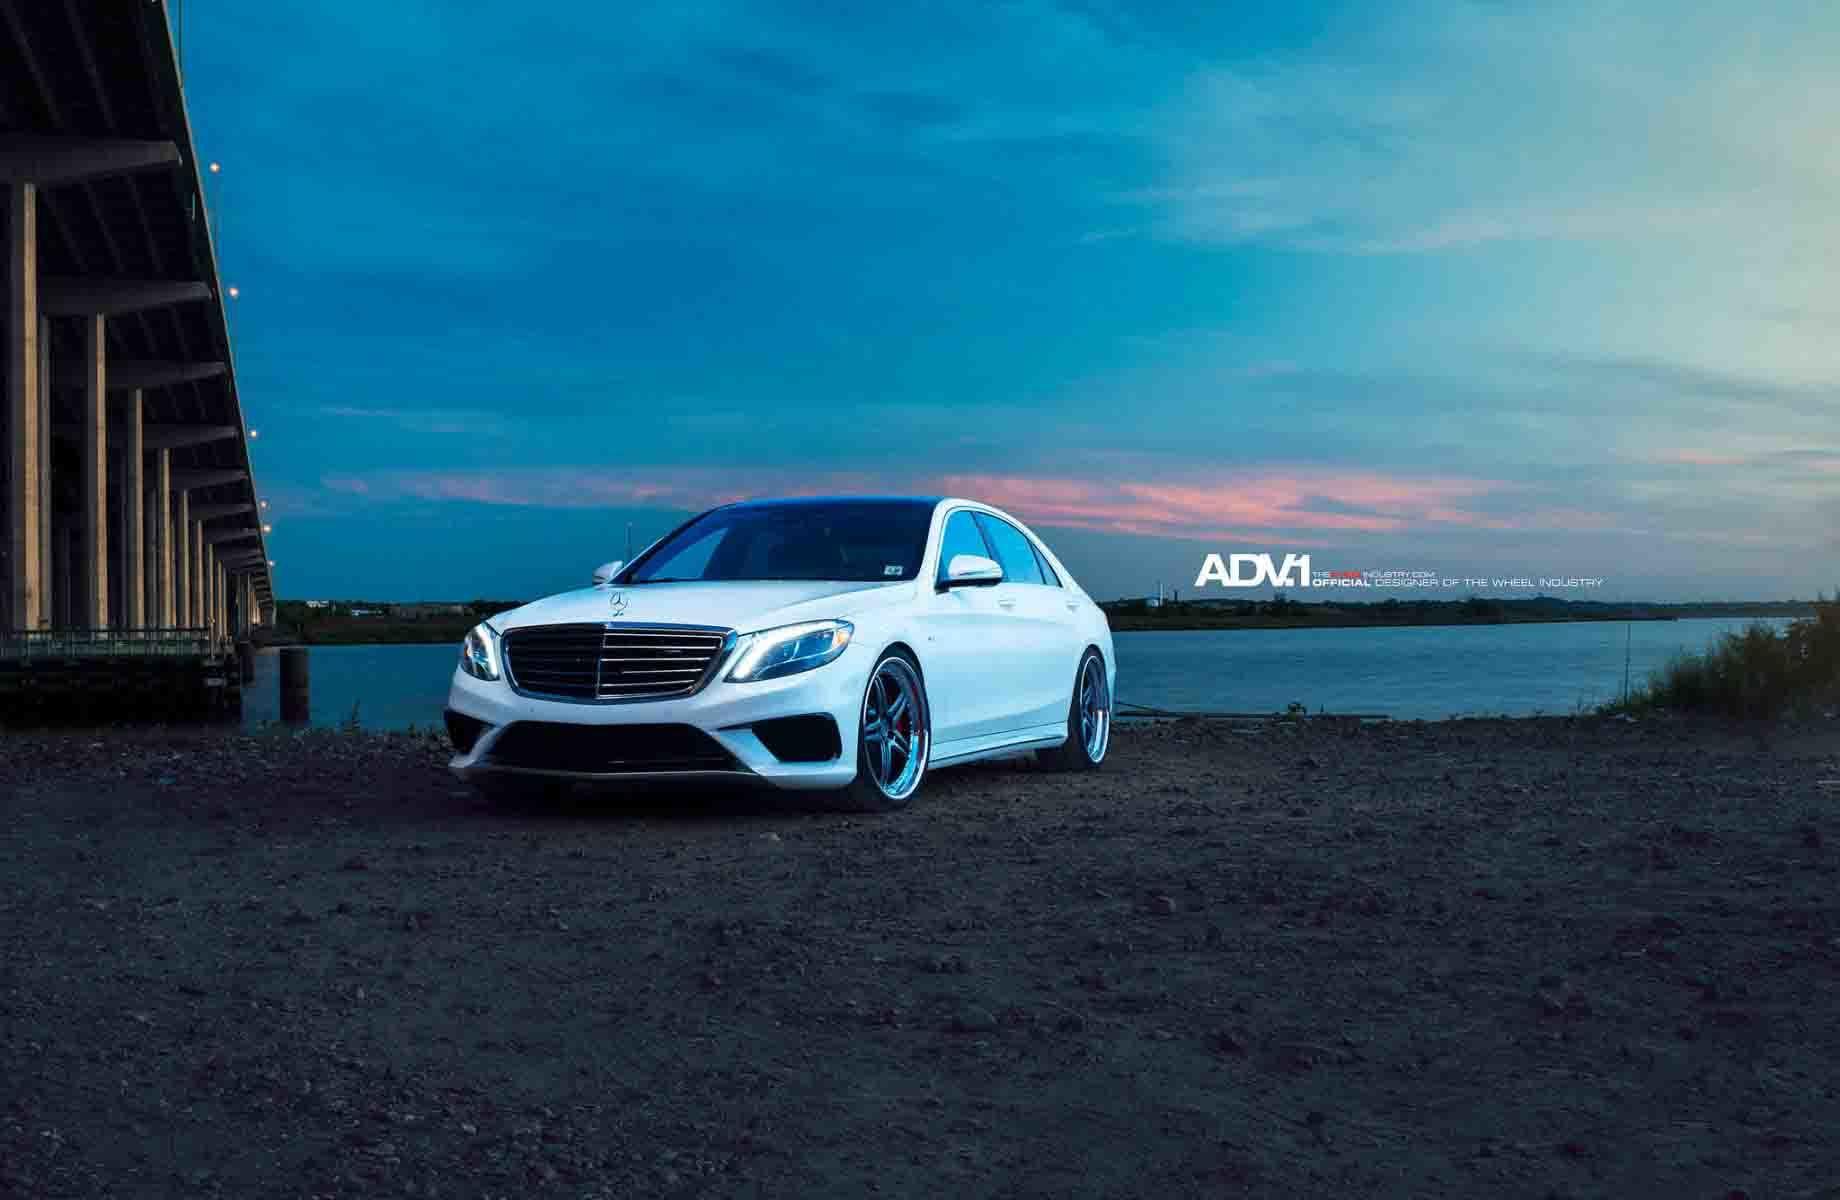 ADV.1 ADV05 Track Function (SL Series)